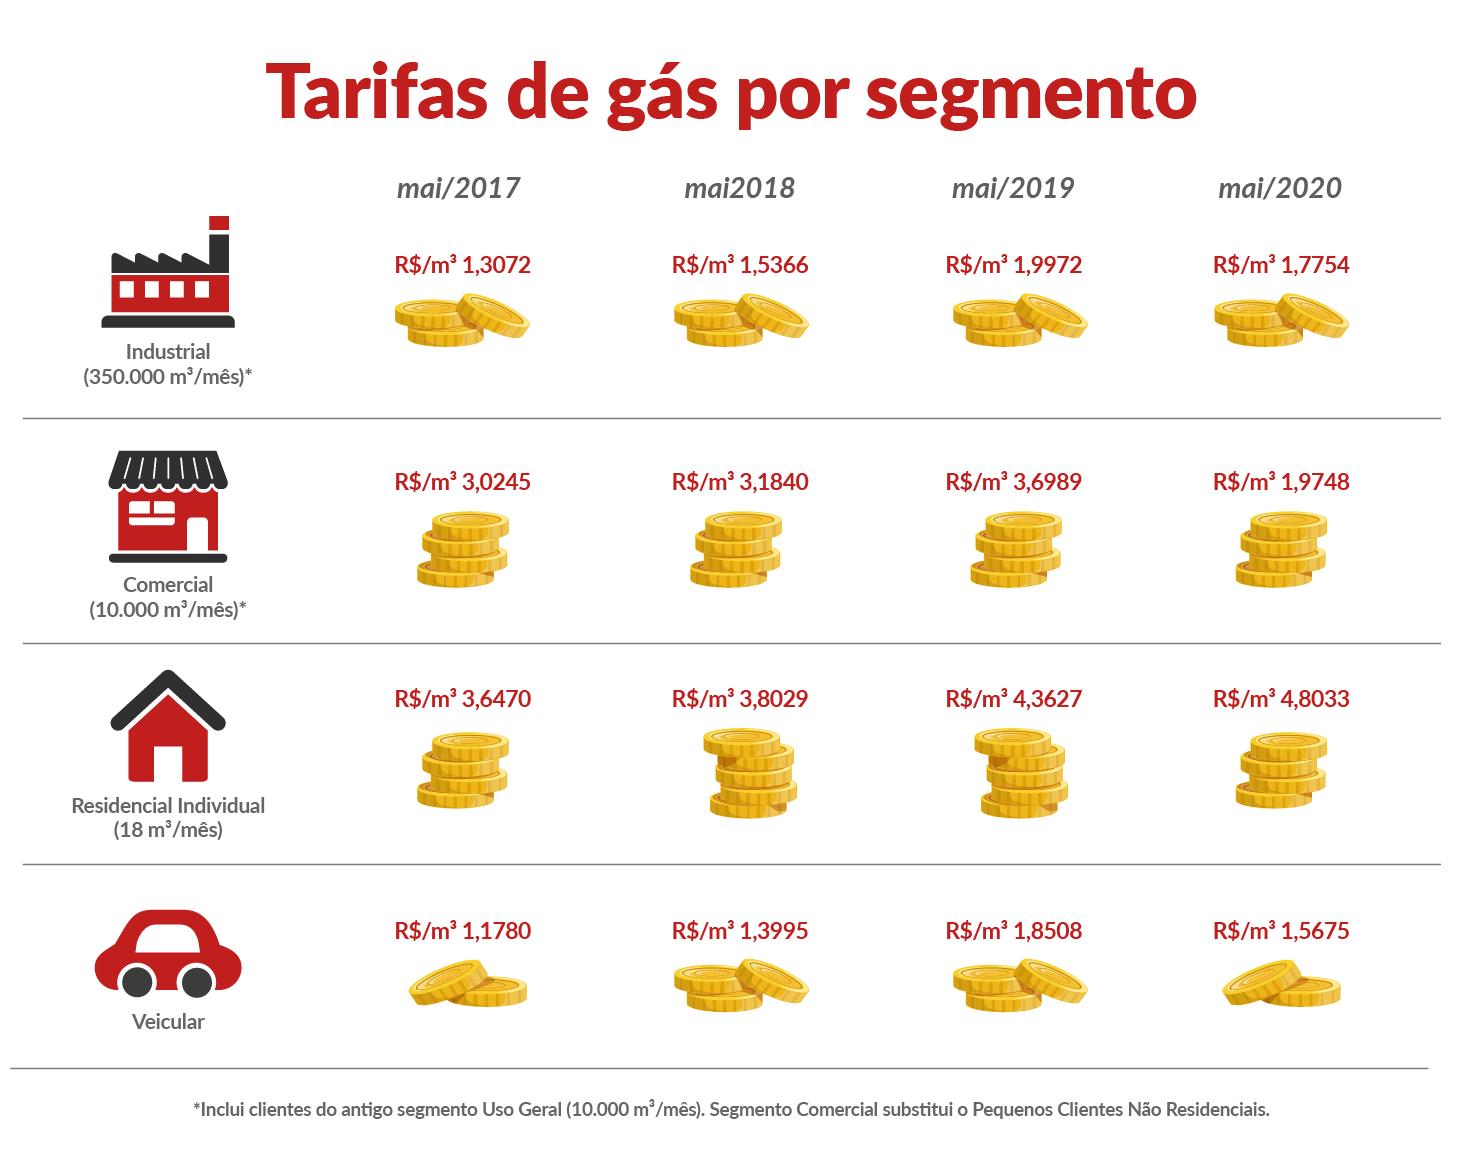 tabela de gas segmento